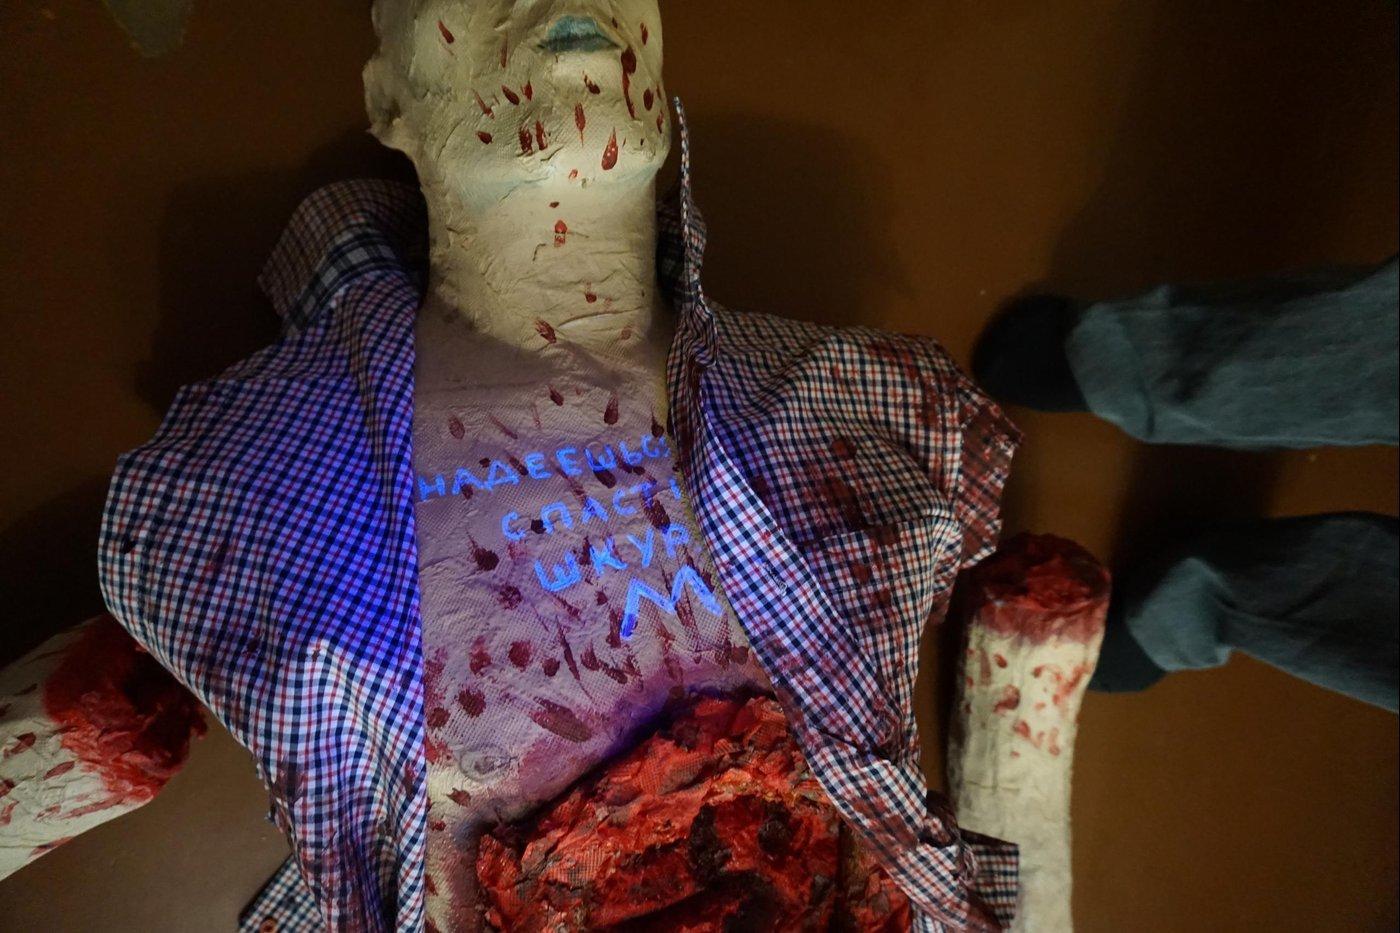 Труп из манекена с уликой, которую видно только в УФ-лампе